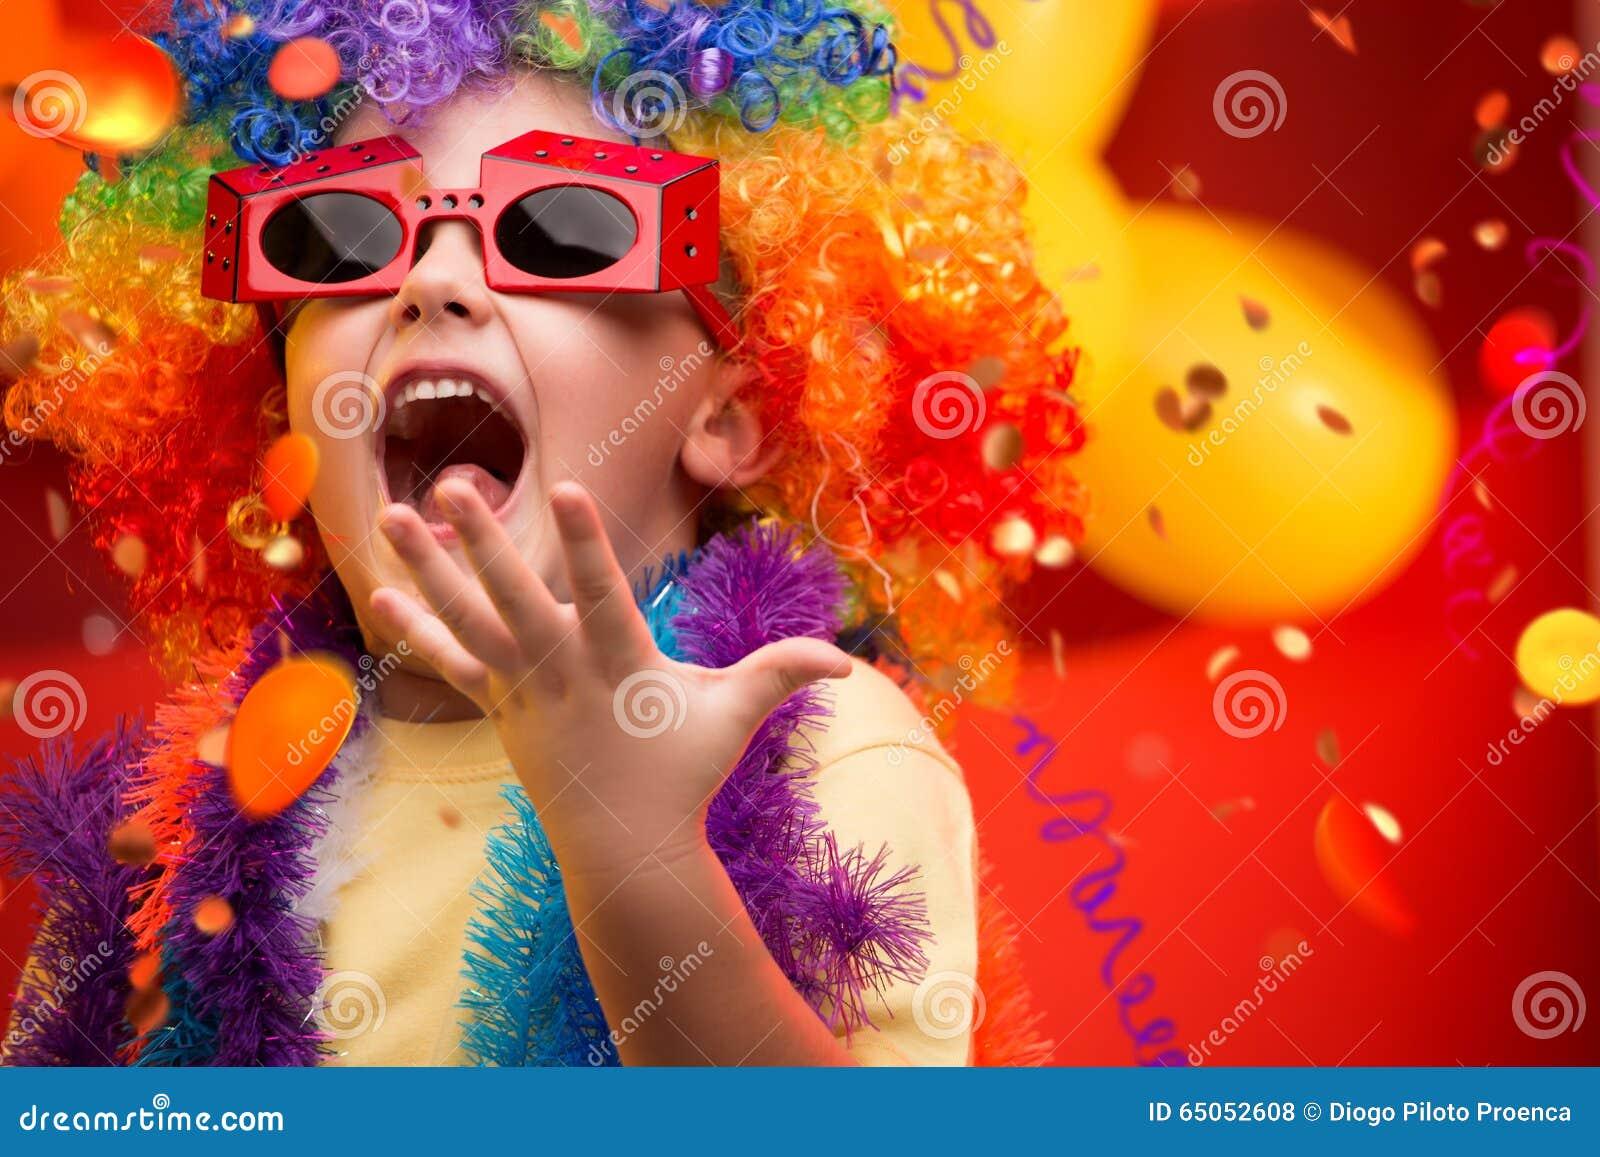 Παιδί καρναβάλι - Βραζιλία